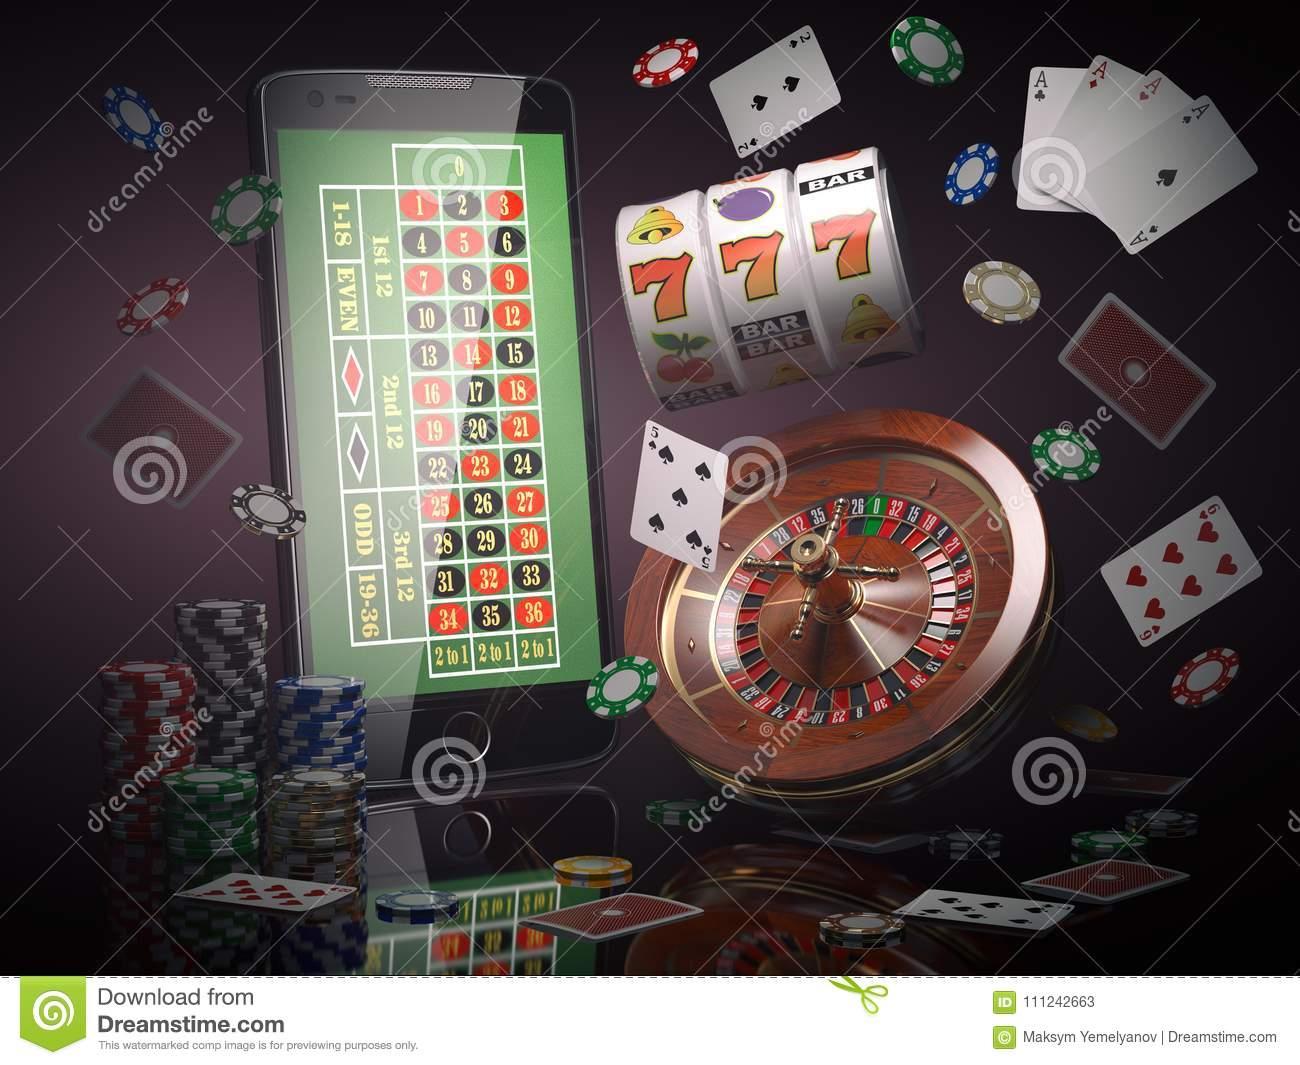 Игровые автоматы симулятор покер скачать бесплатно игровые автоматы гейминатор играть бесплатно и без регистраций